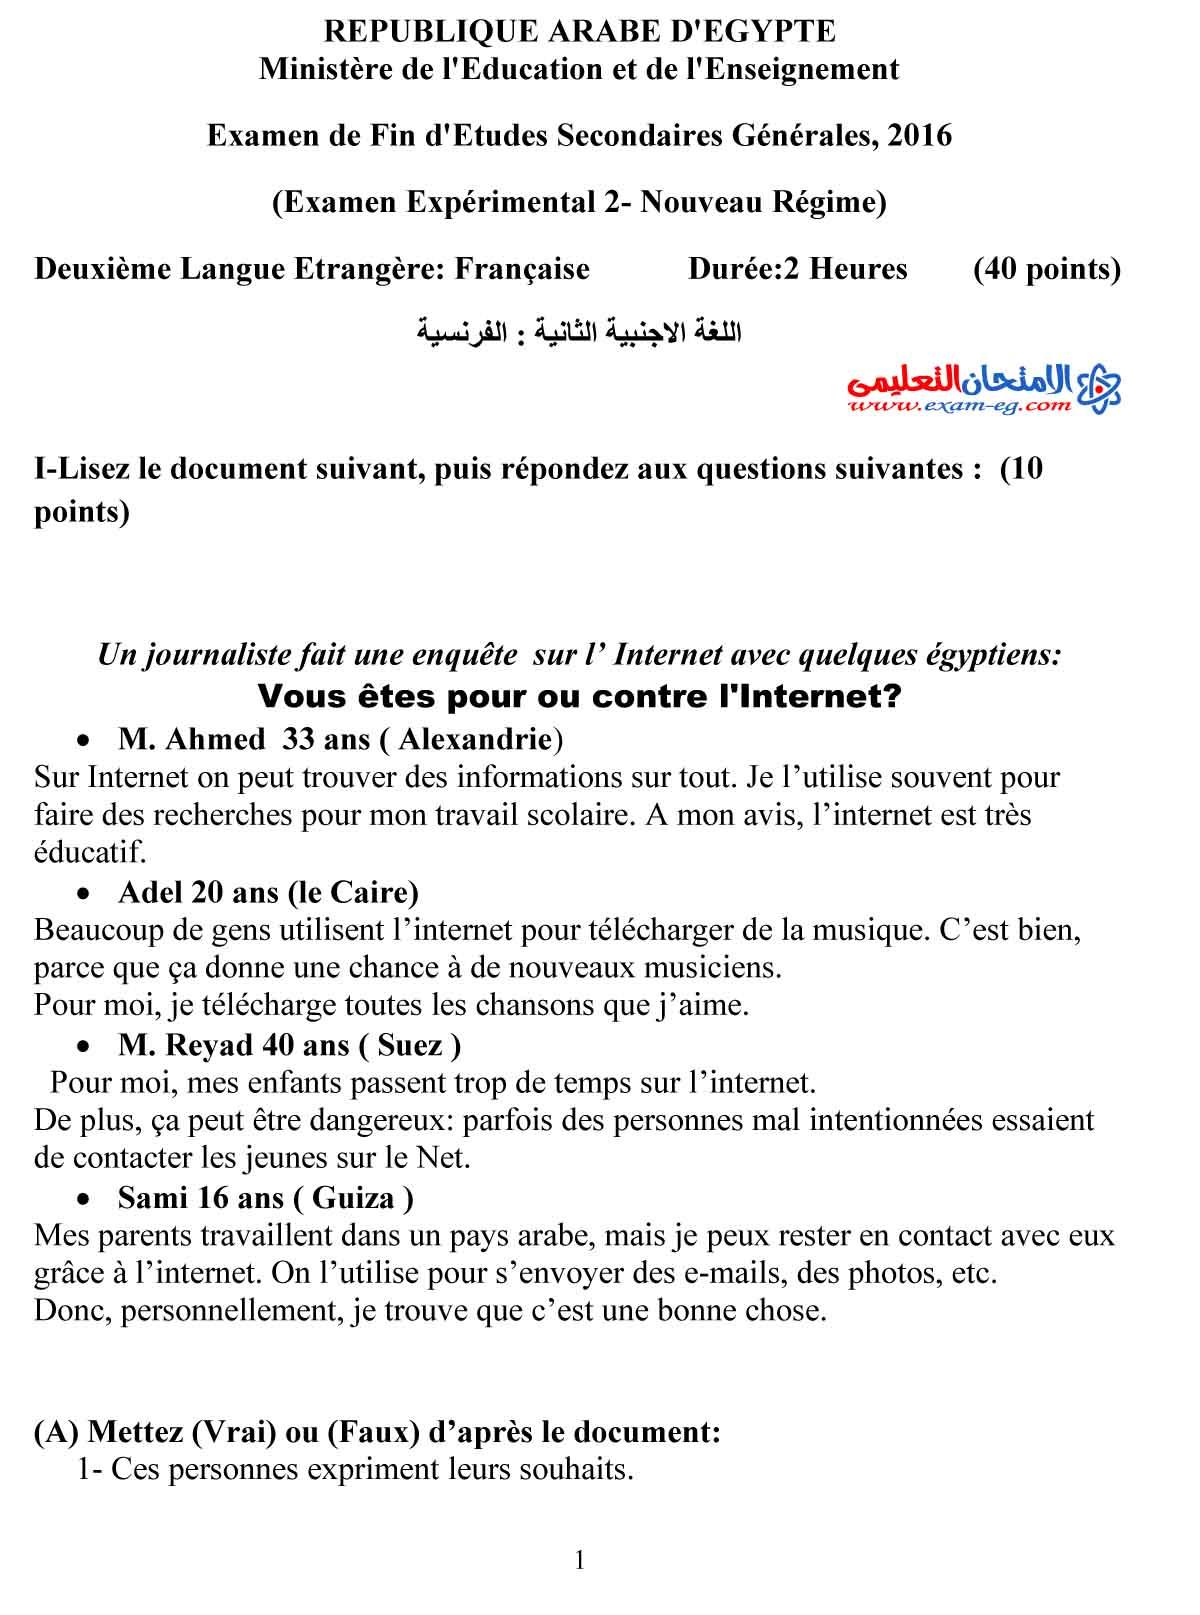 لغة فرنسية 2 - مدرسة اون لاين-1